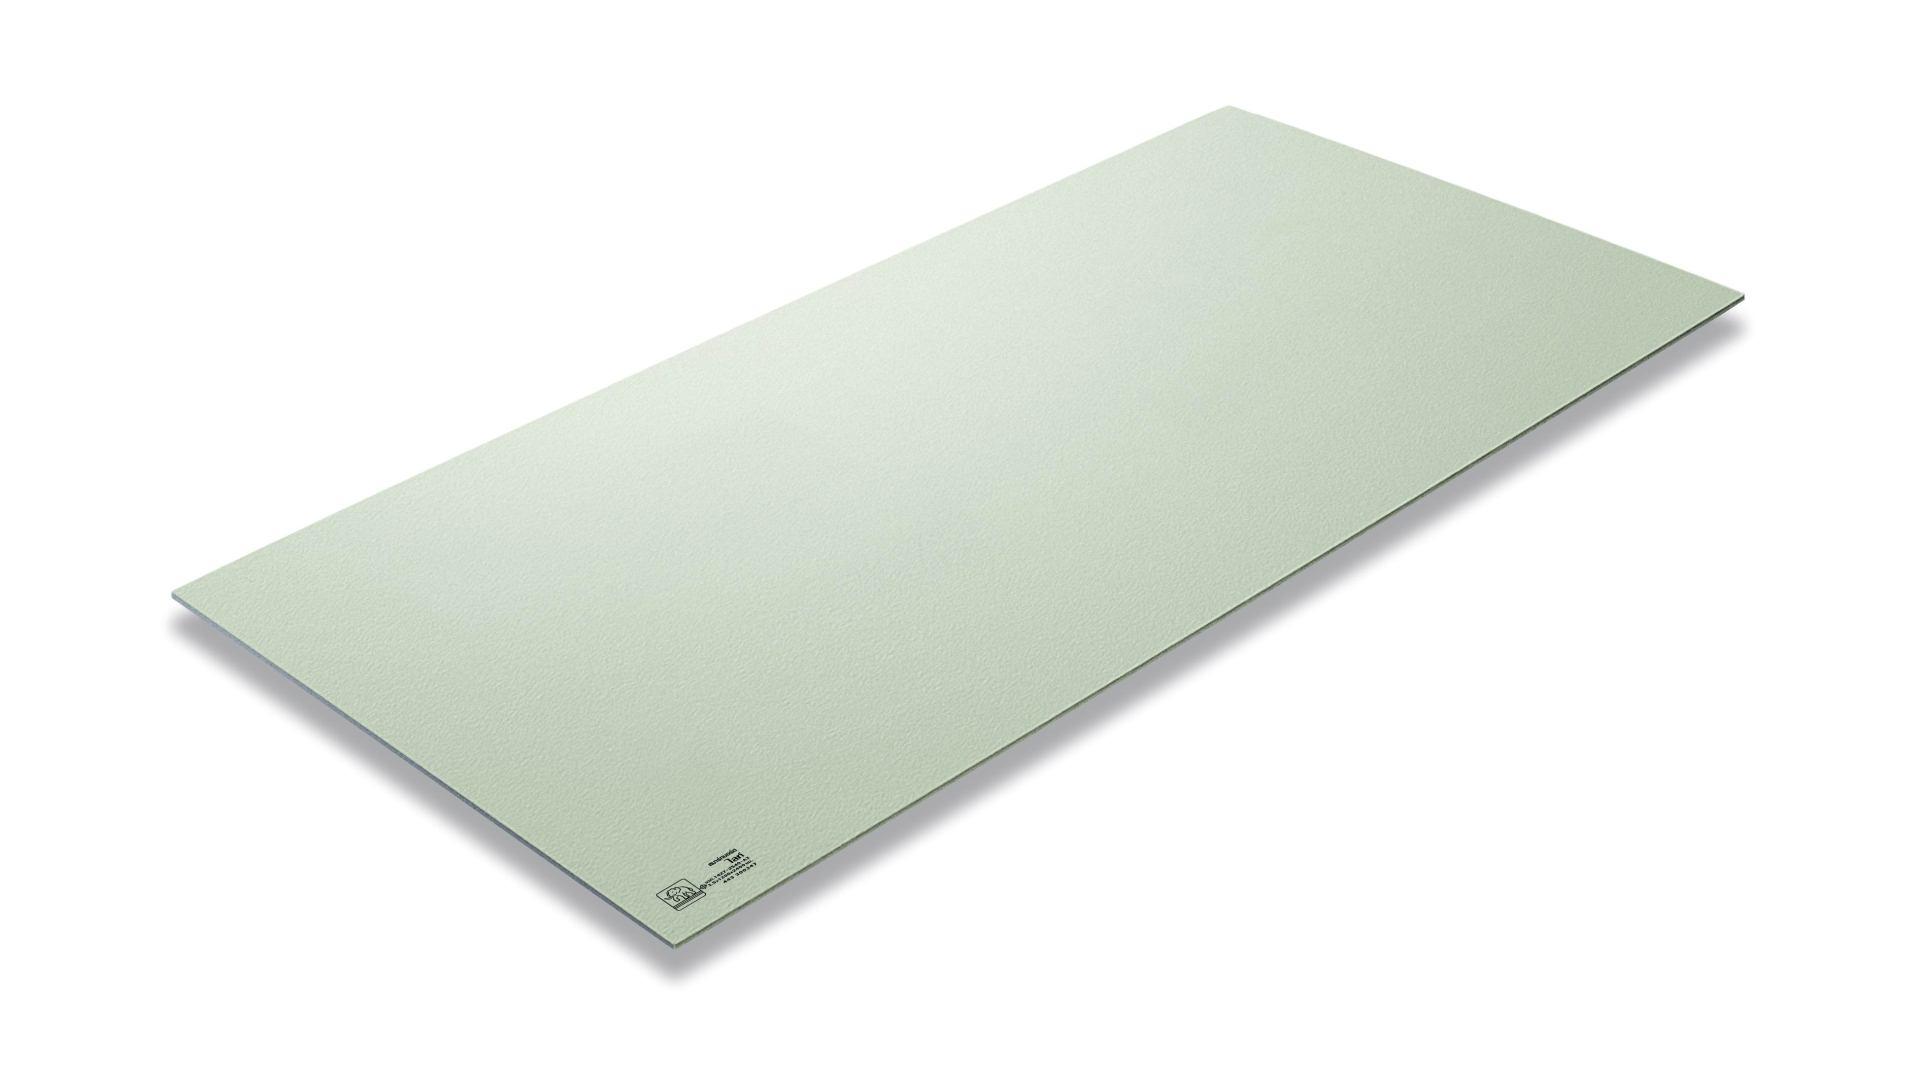 สมาร์ทบอร์ด เอสซีจี รุ่นขอบเรียบ ขนาด 120X240X0.4 ซม. สีซีเมนต์